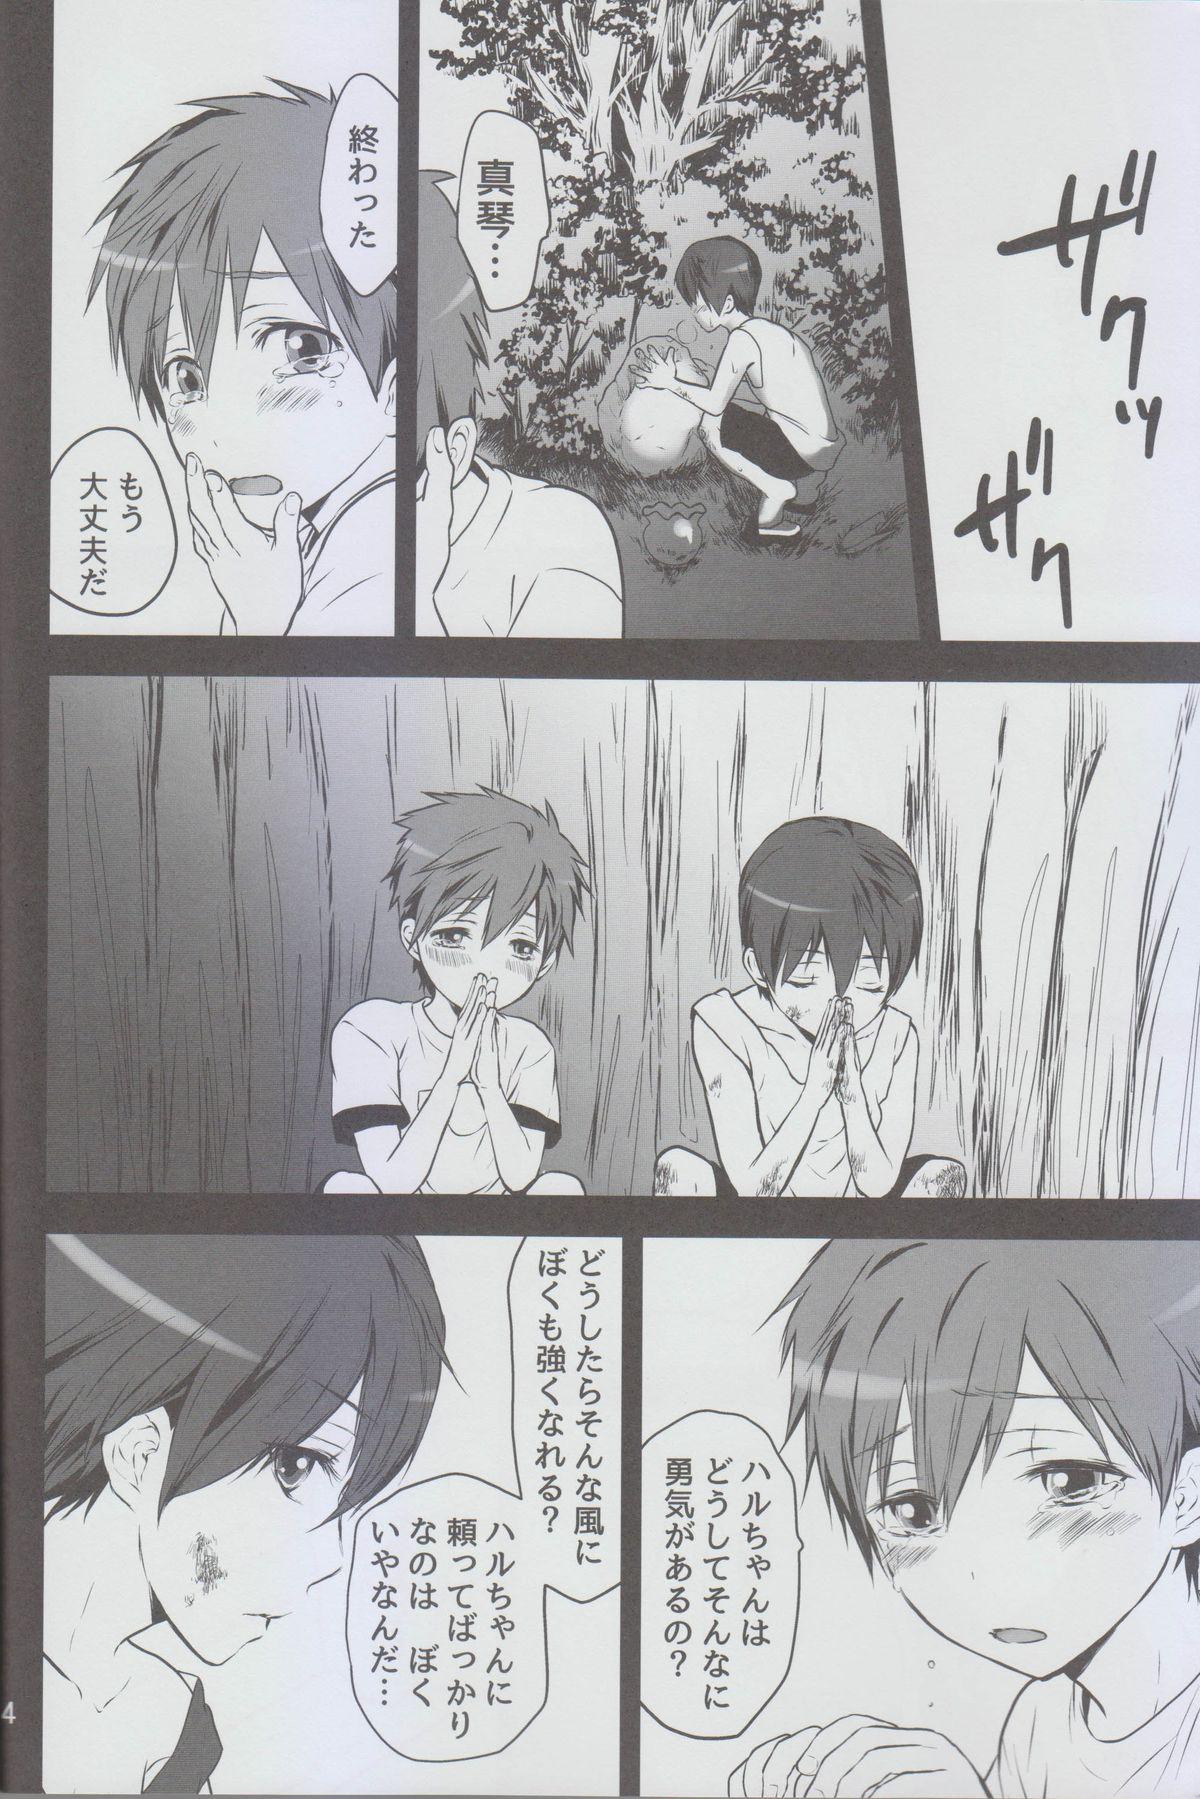 Okubyou na Boku no Kingyo wa Natsu ni Nemuri, Kimi wa Kesshite Nakanai. 2